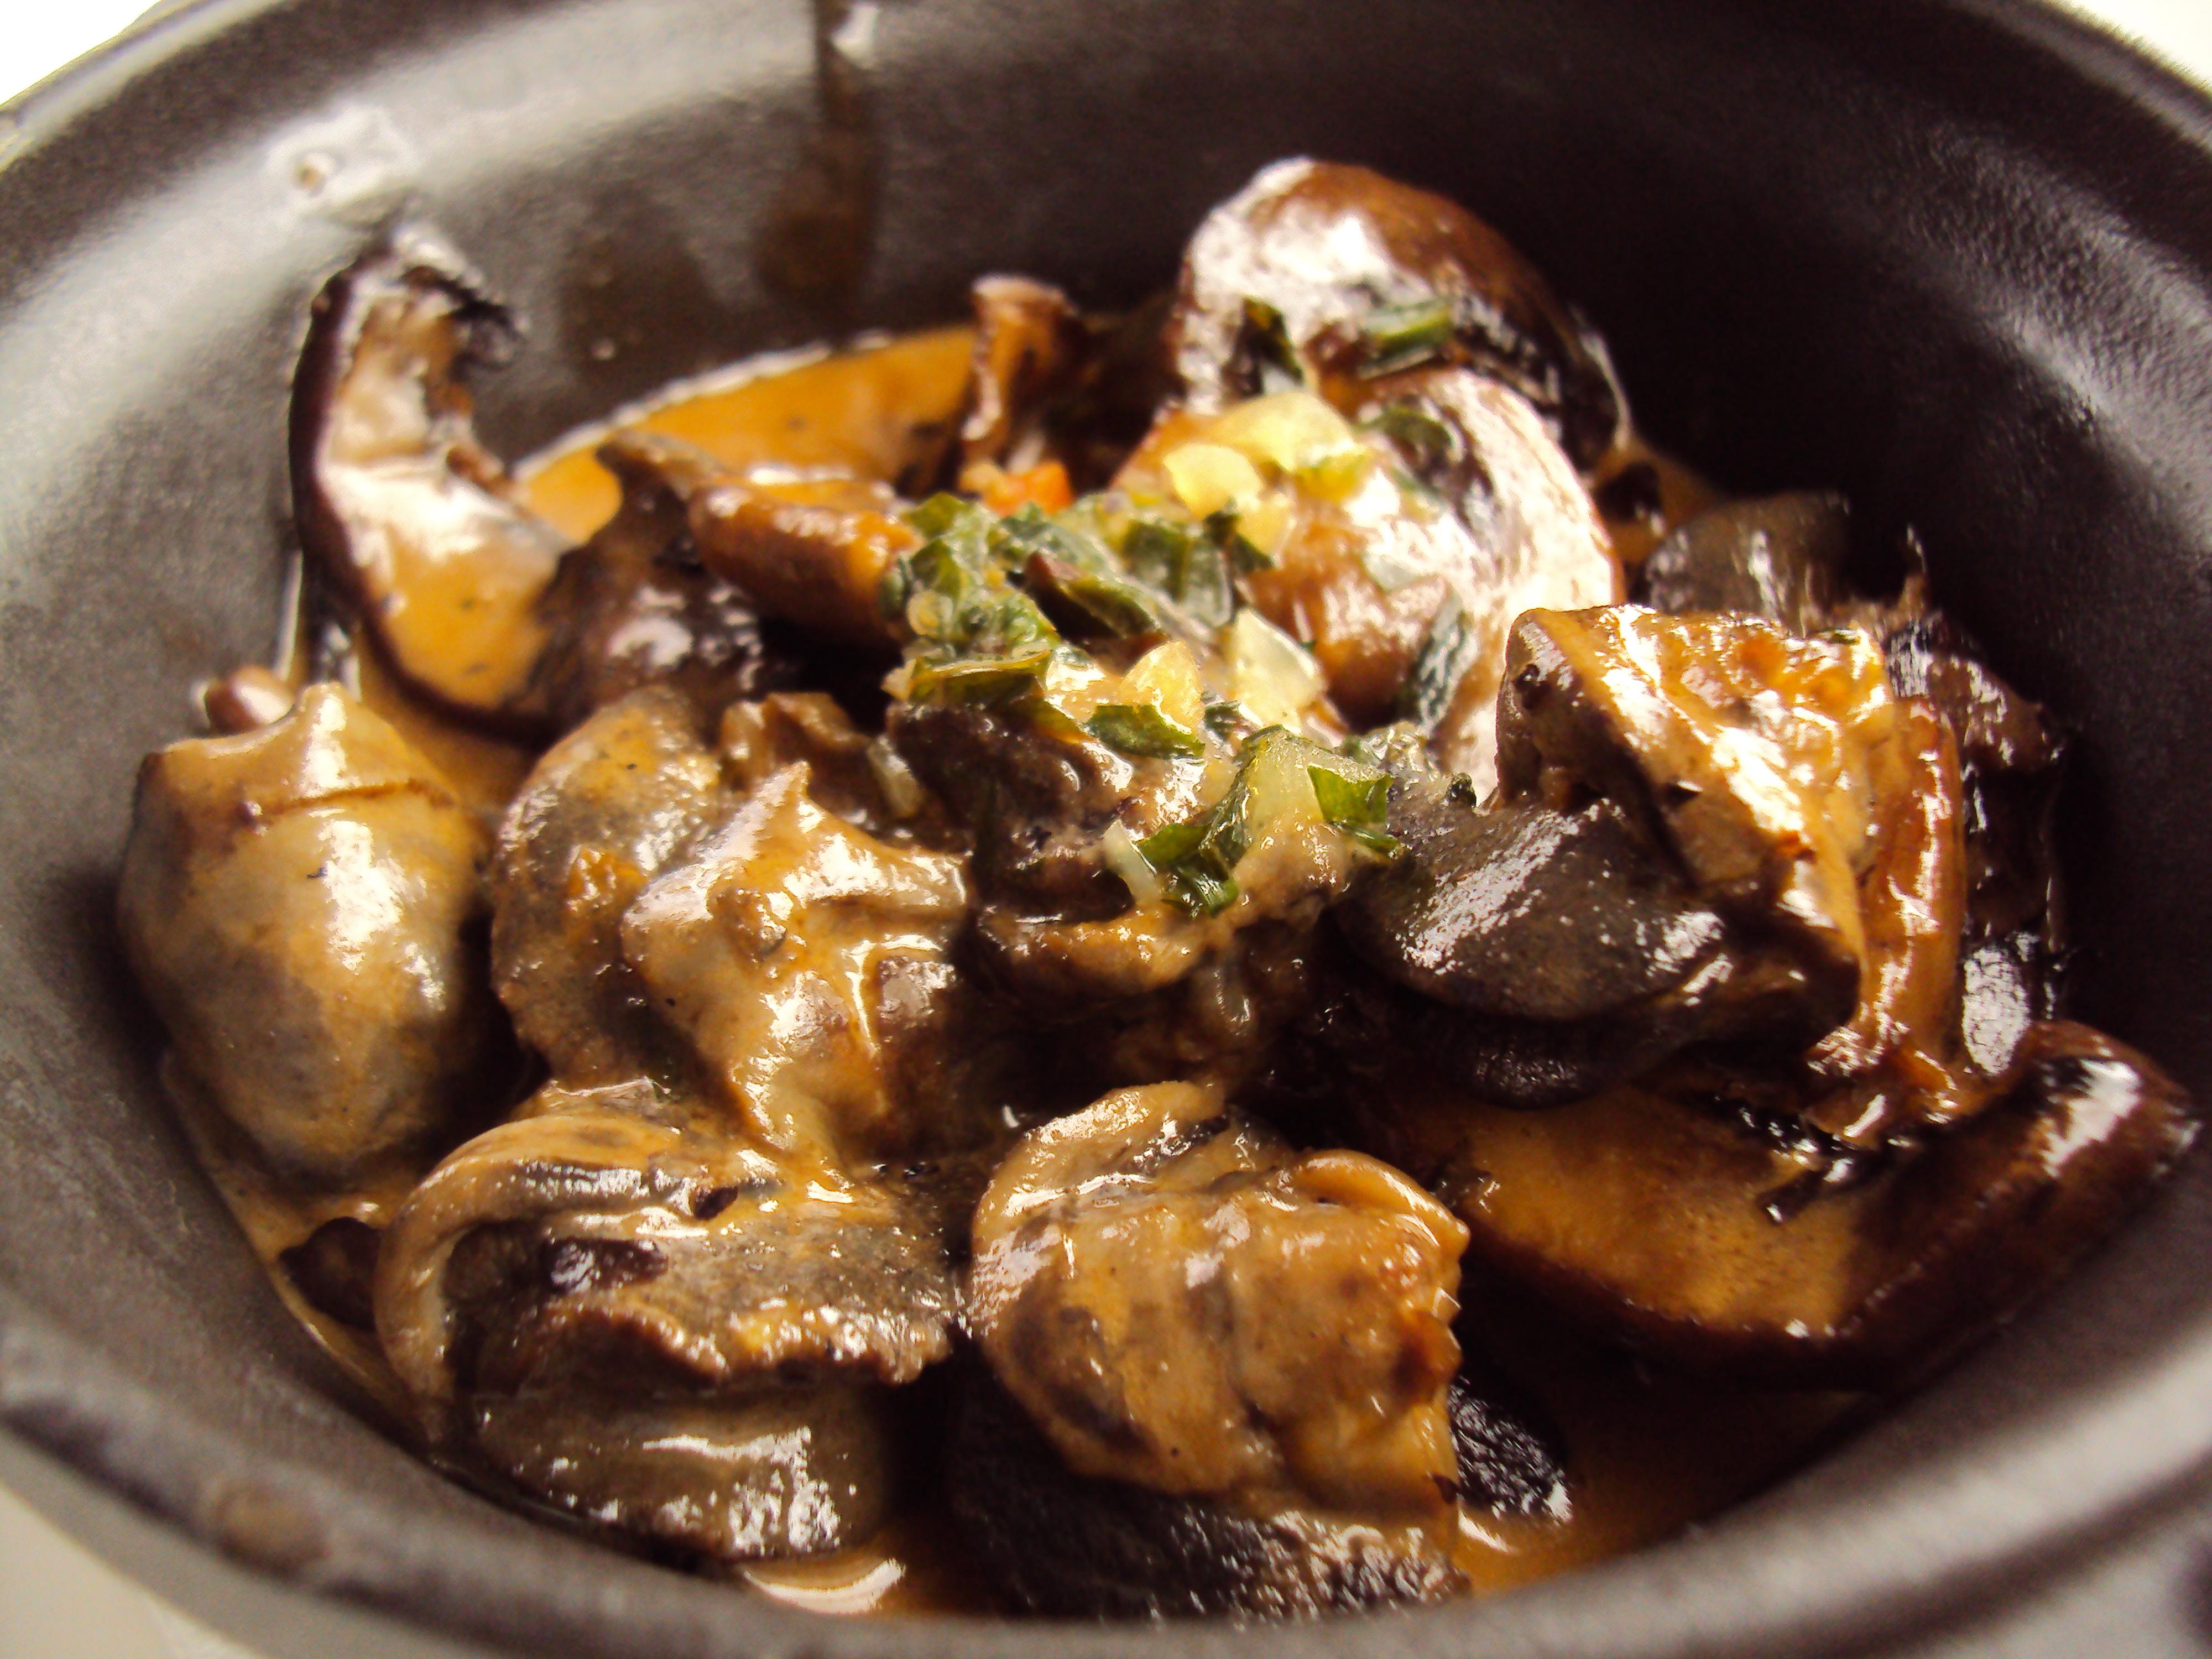 la cuisine de france | munchimonster